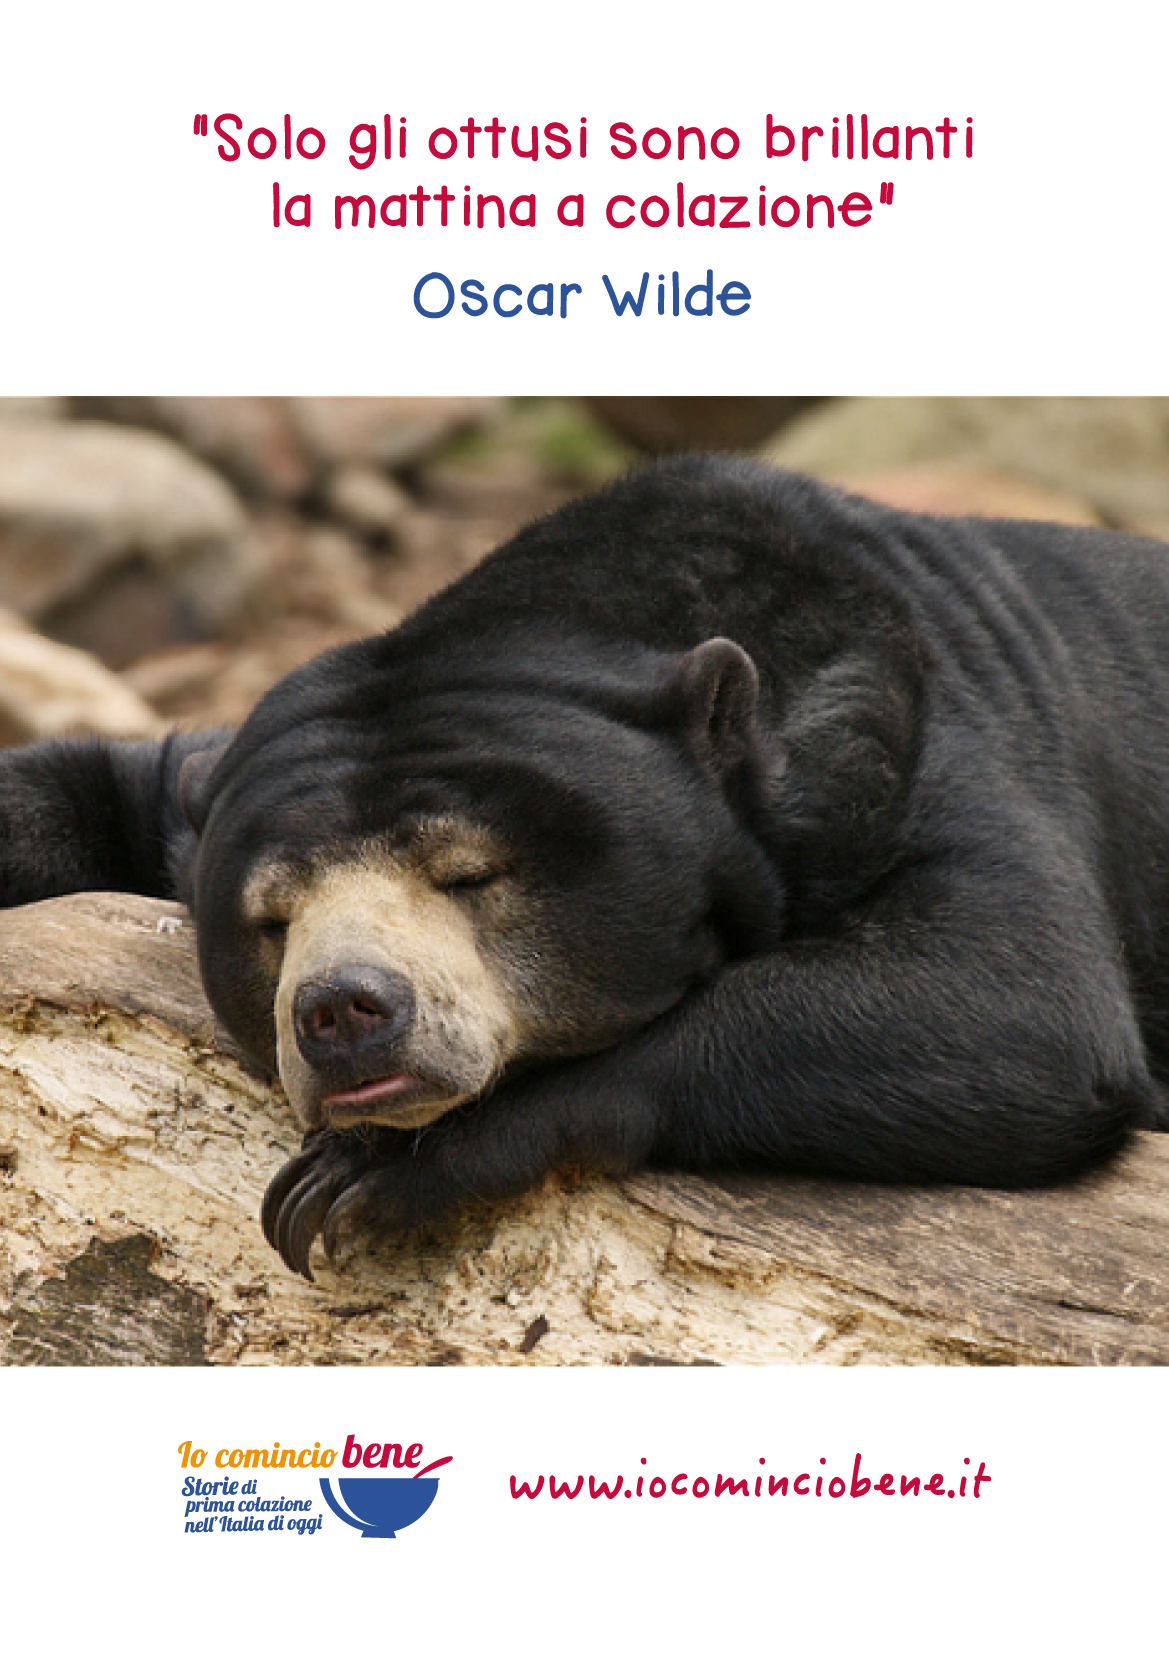 quote_Oscar Wilde Orso